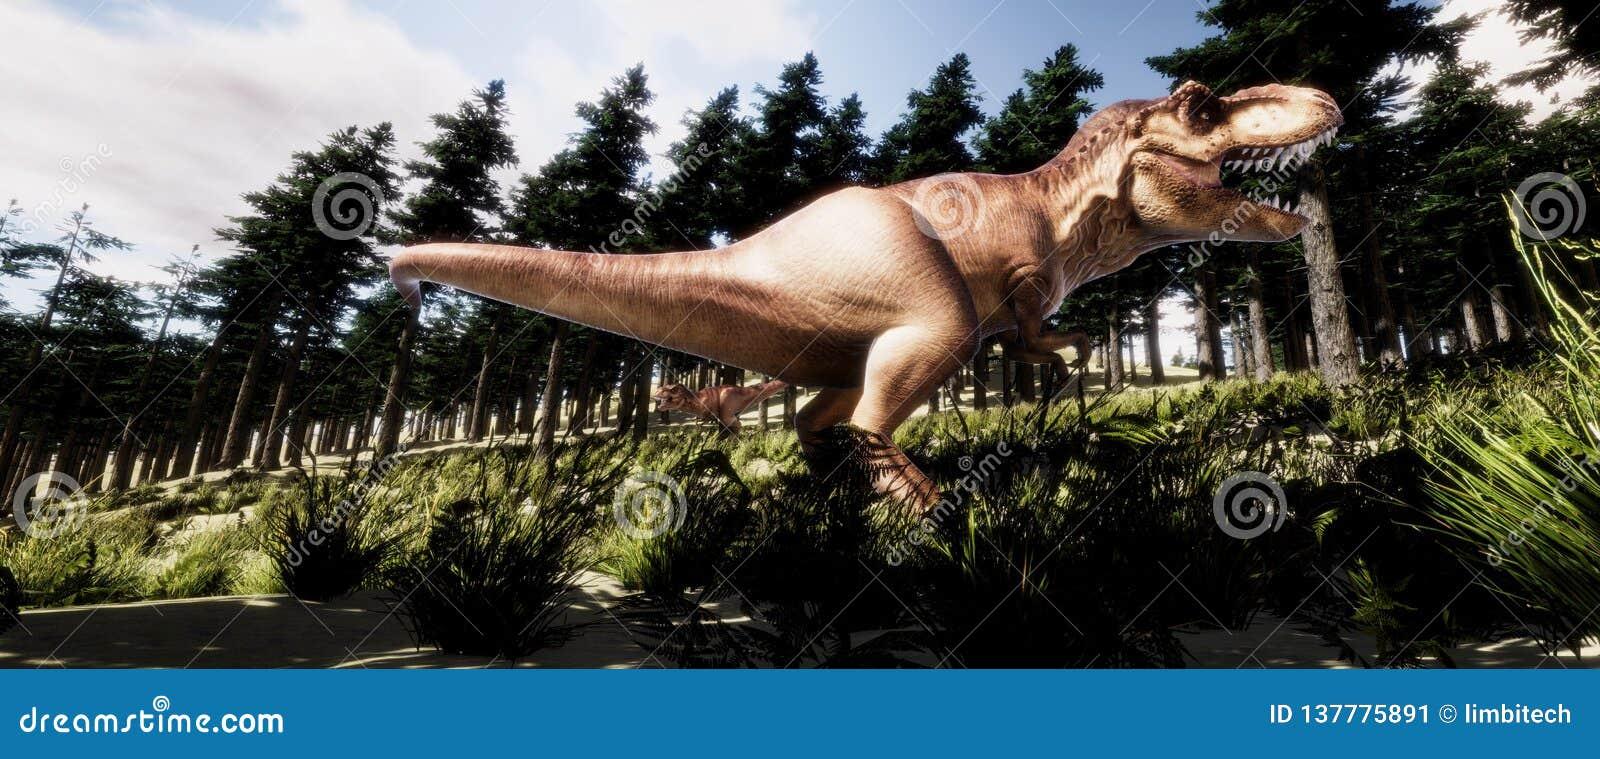 Illustration de haute résolution extrêmement détaillée 3d et réaliste d un dinosaure de T-Rex Tyranno Saurus dans la forêt